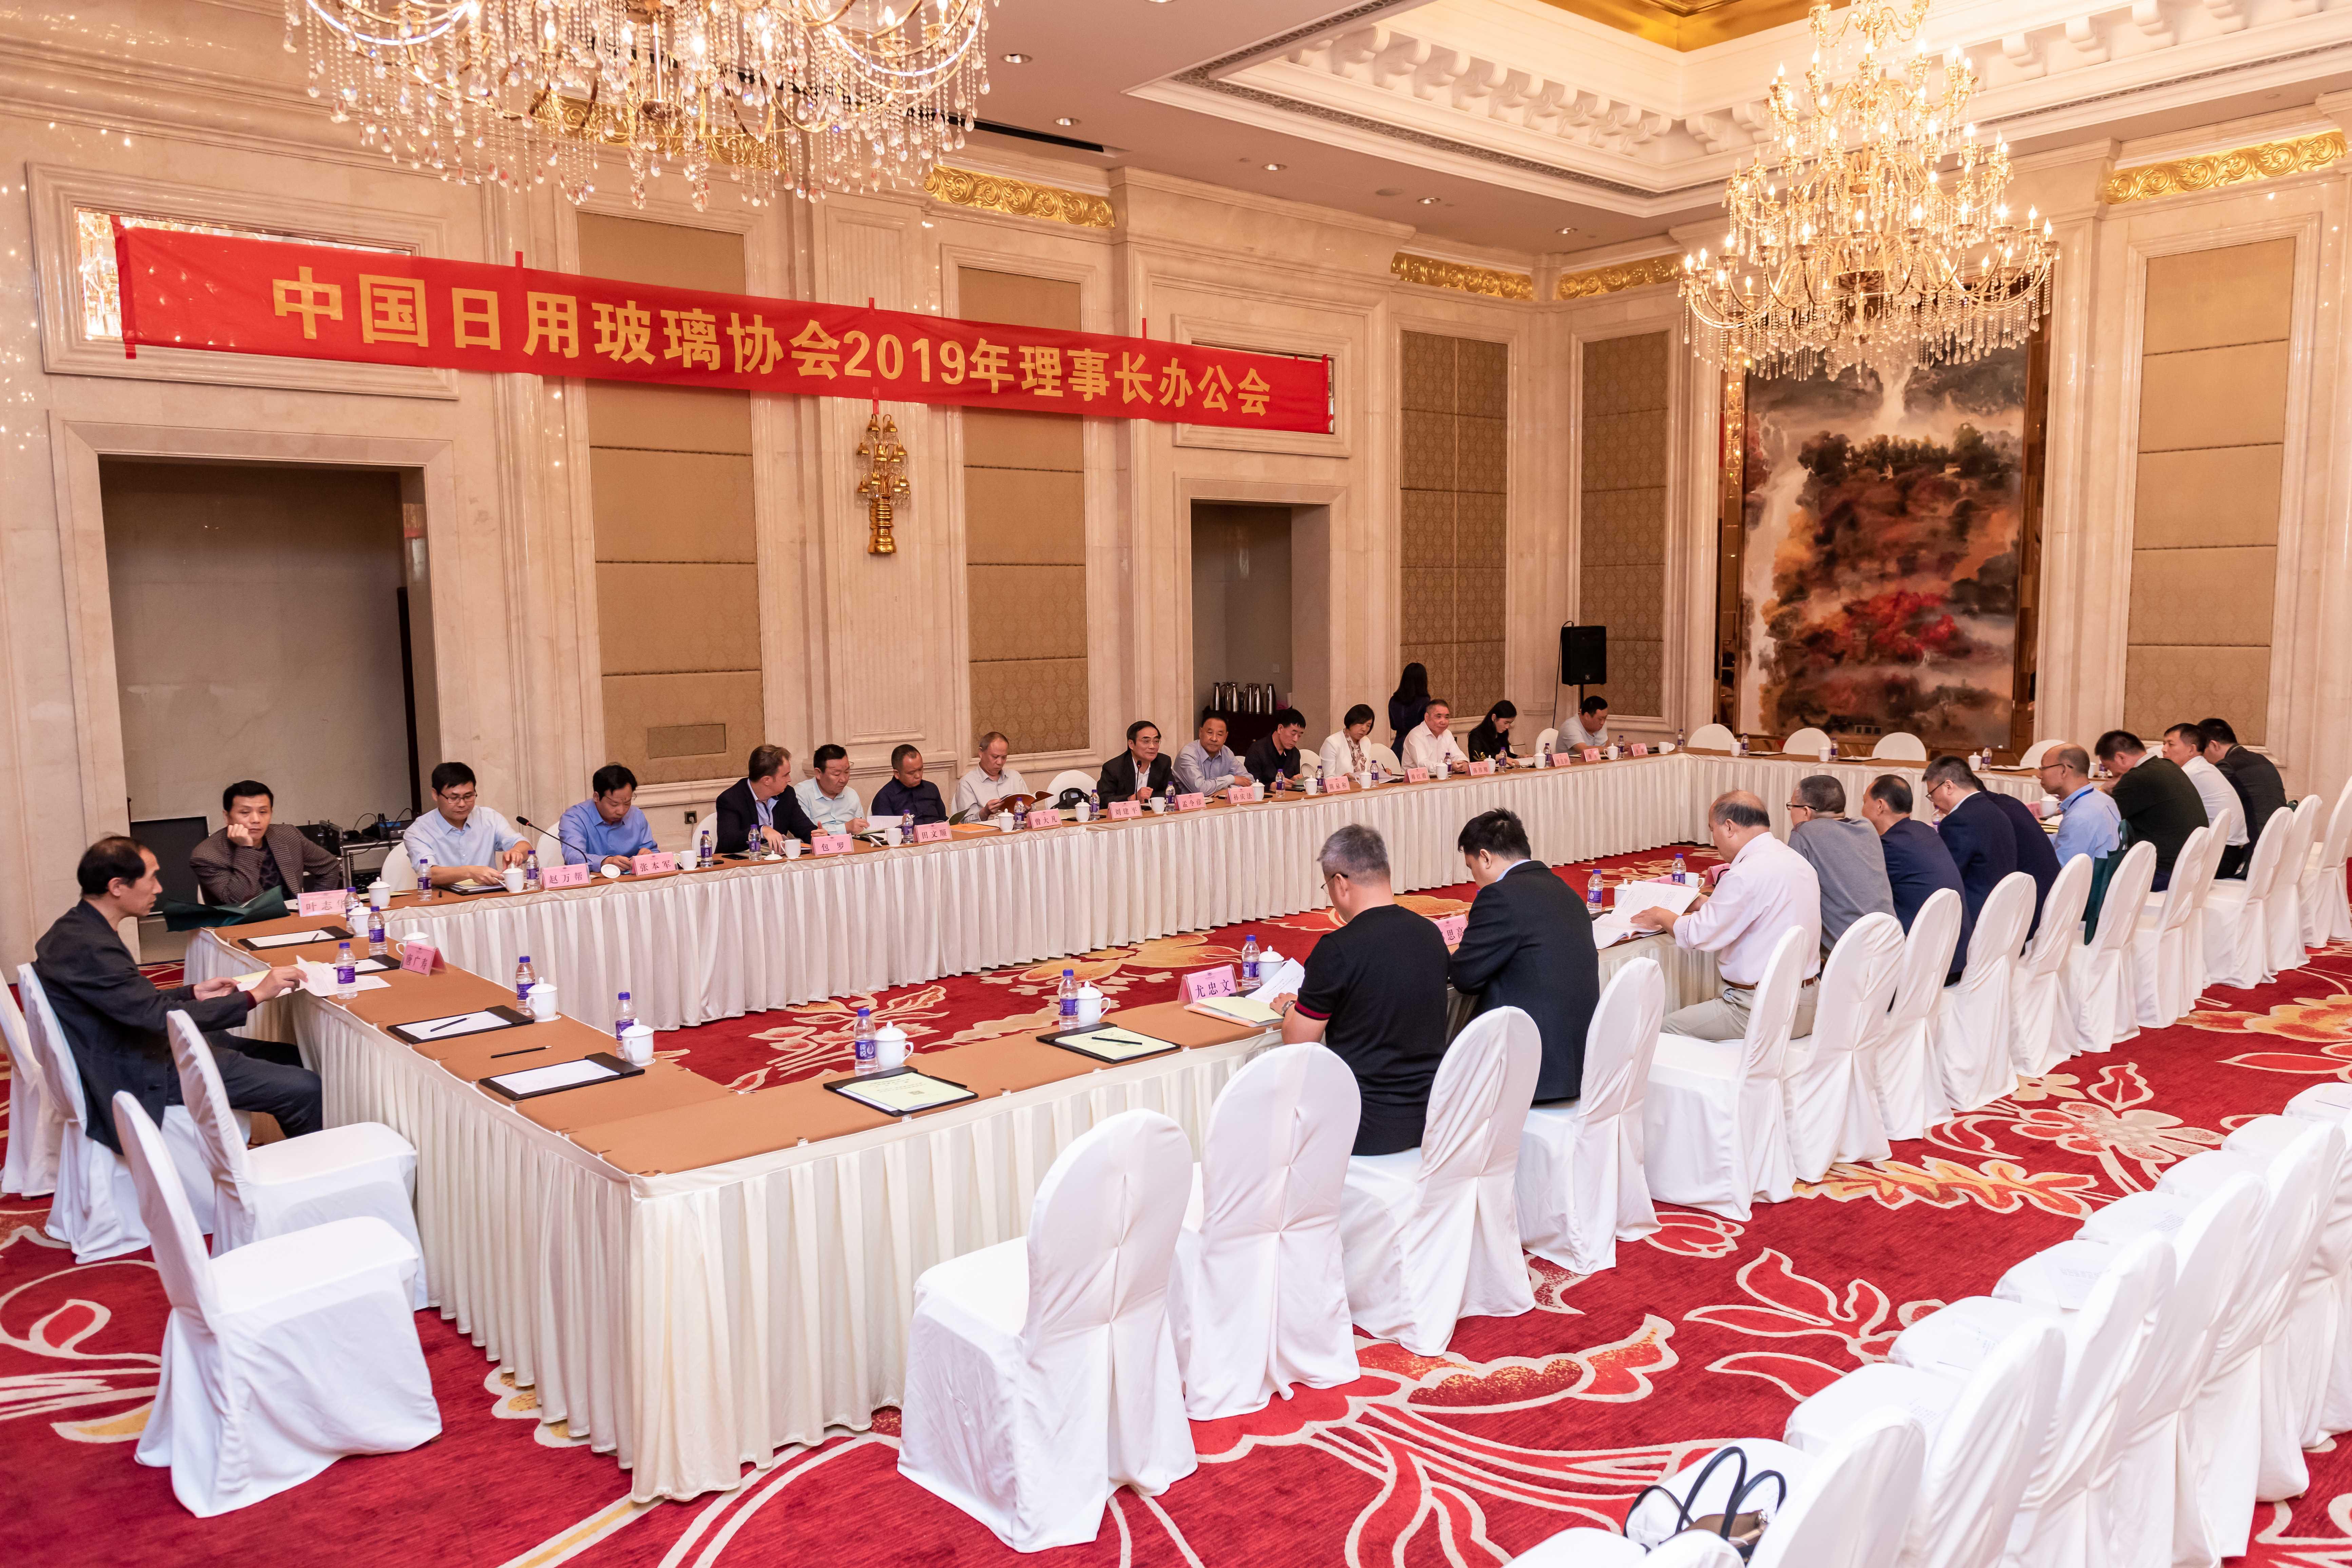 中國日用玻璃協會2019年理事長辦公會及七屆六次理事會在浦江召開